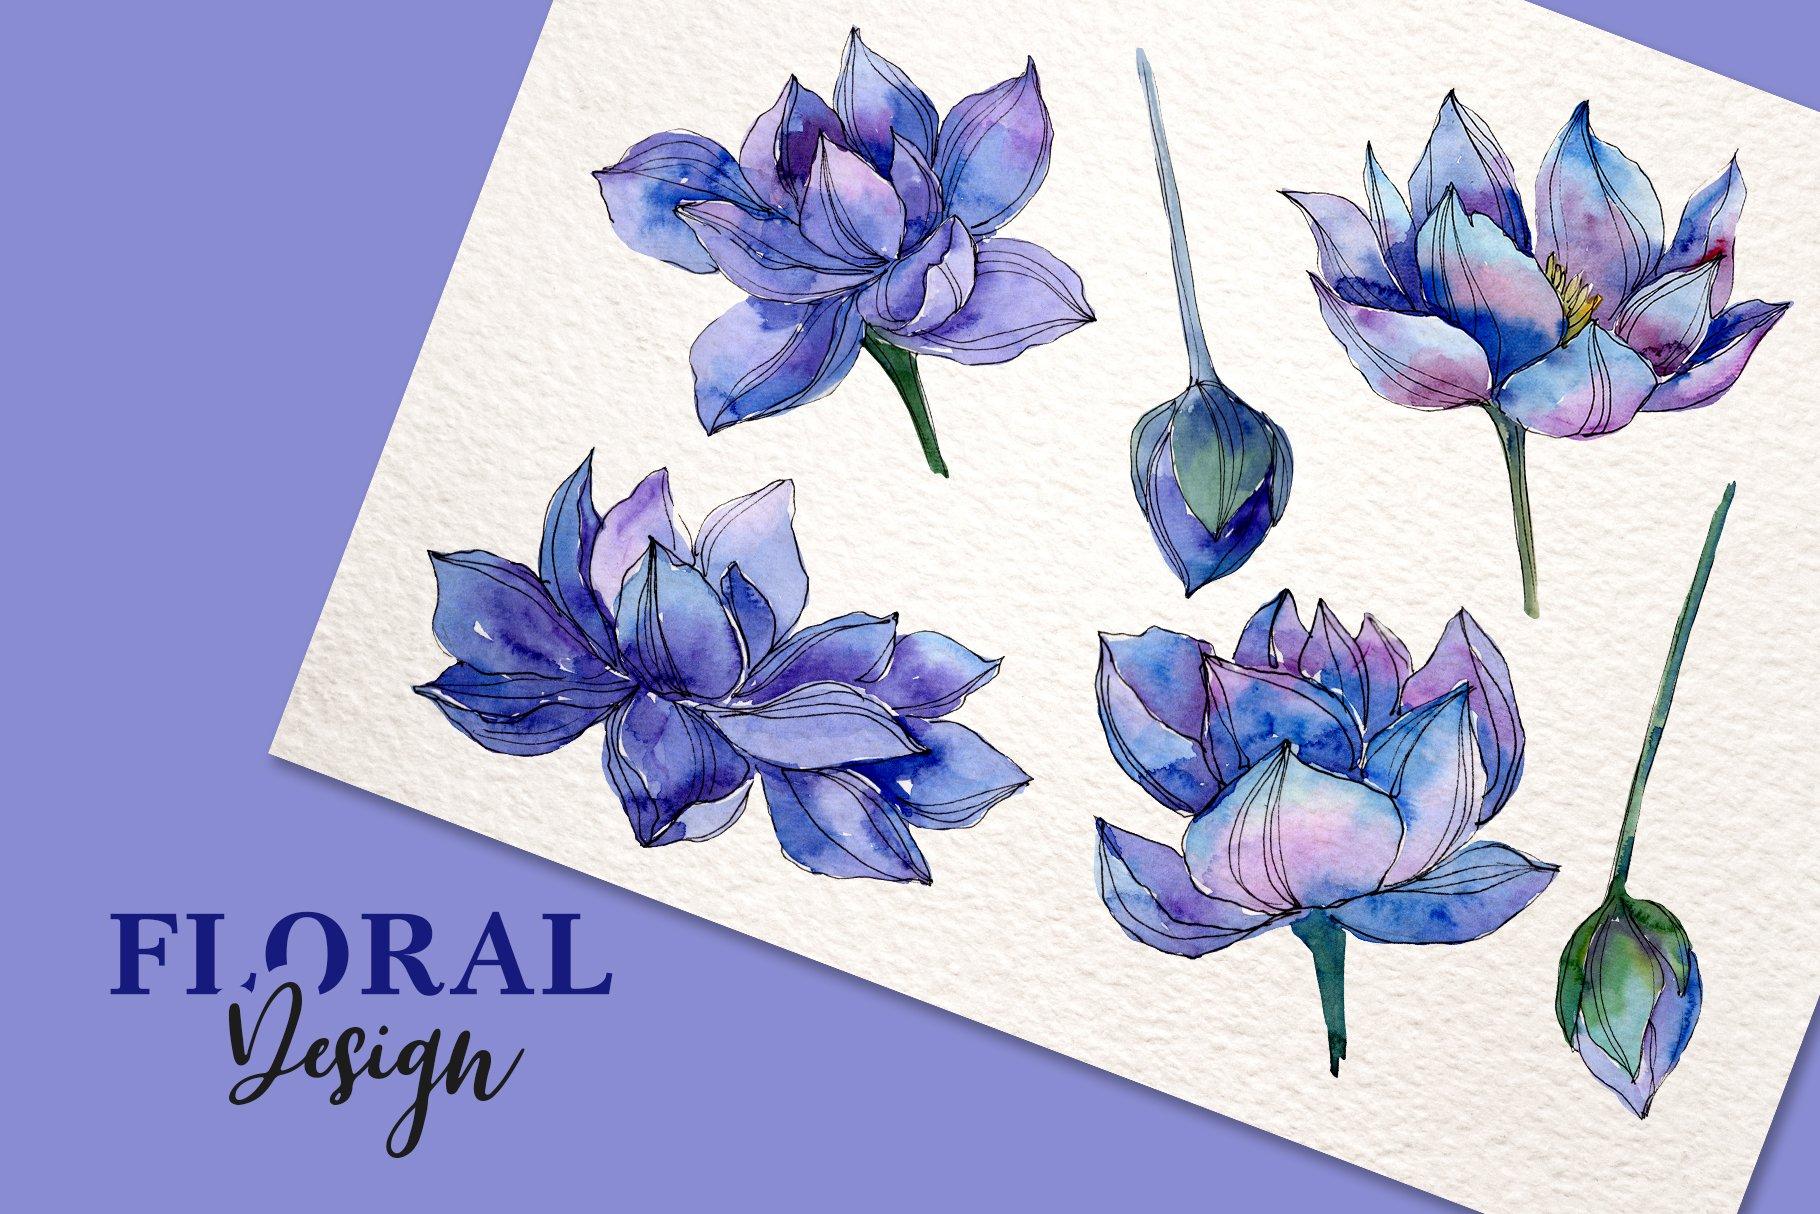 18个高清手绘莲花水彩画PNG免抠图片素材 Watercolor Lotus Set插图(6)